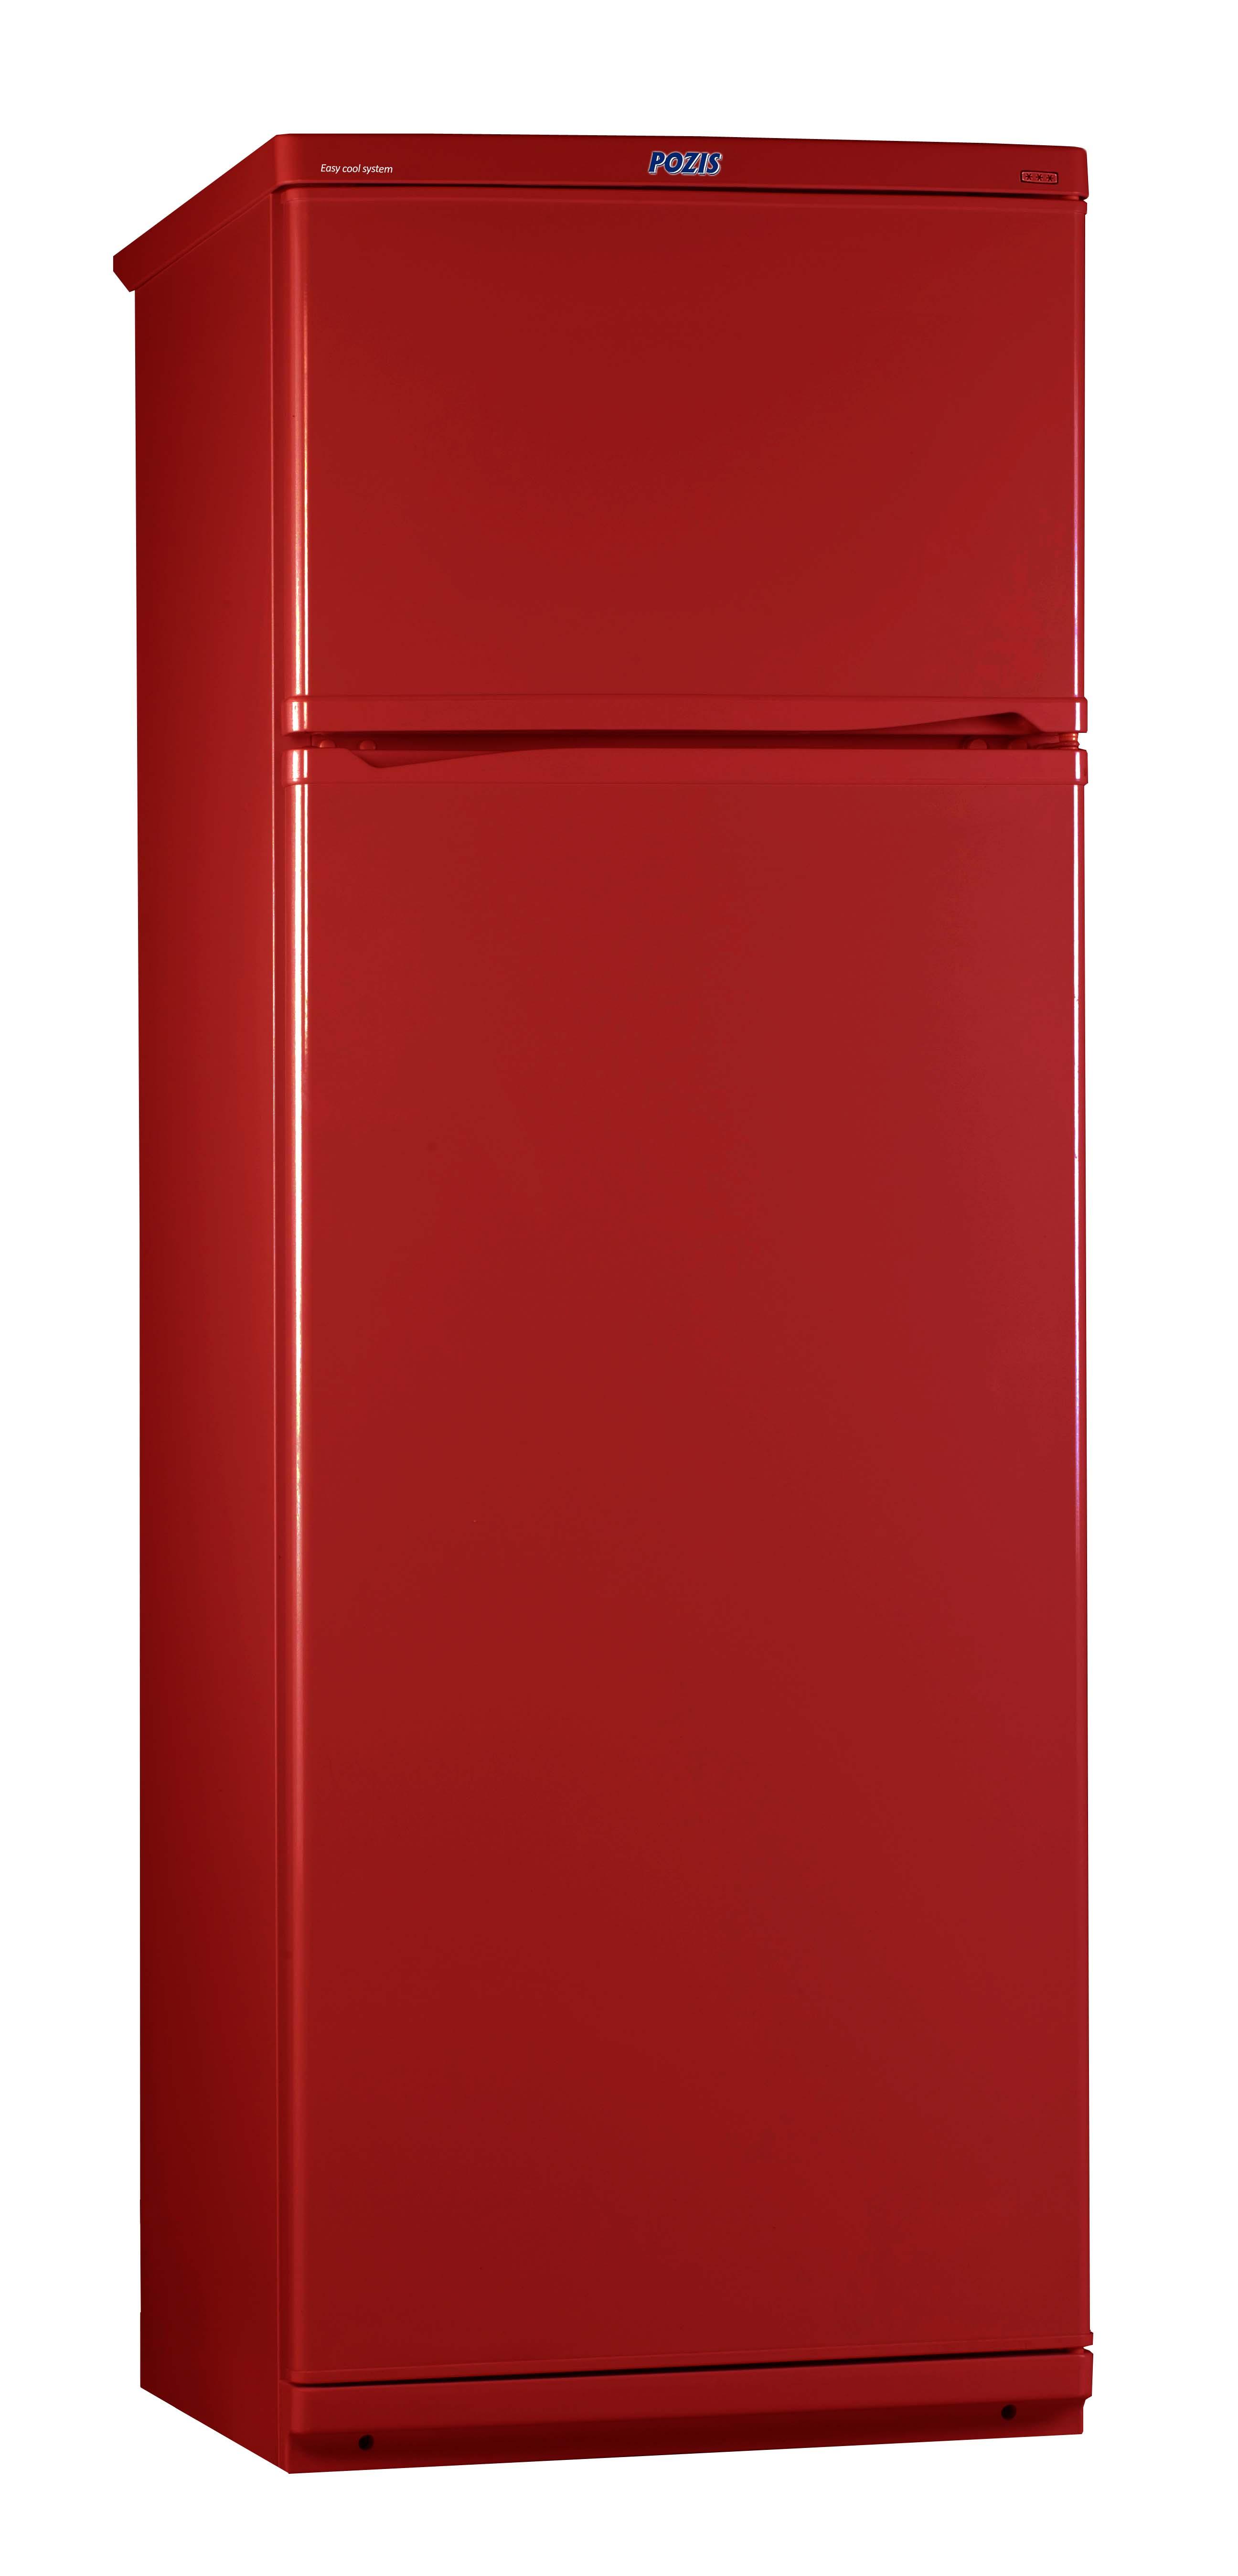 Шкаф холодильный Мир-244-1 рубиновый